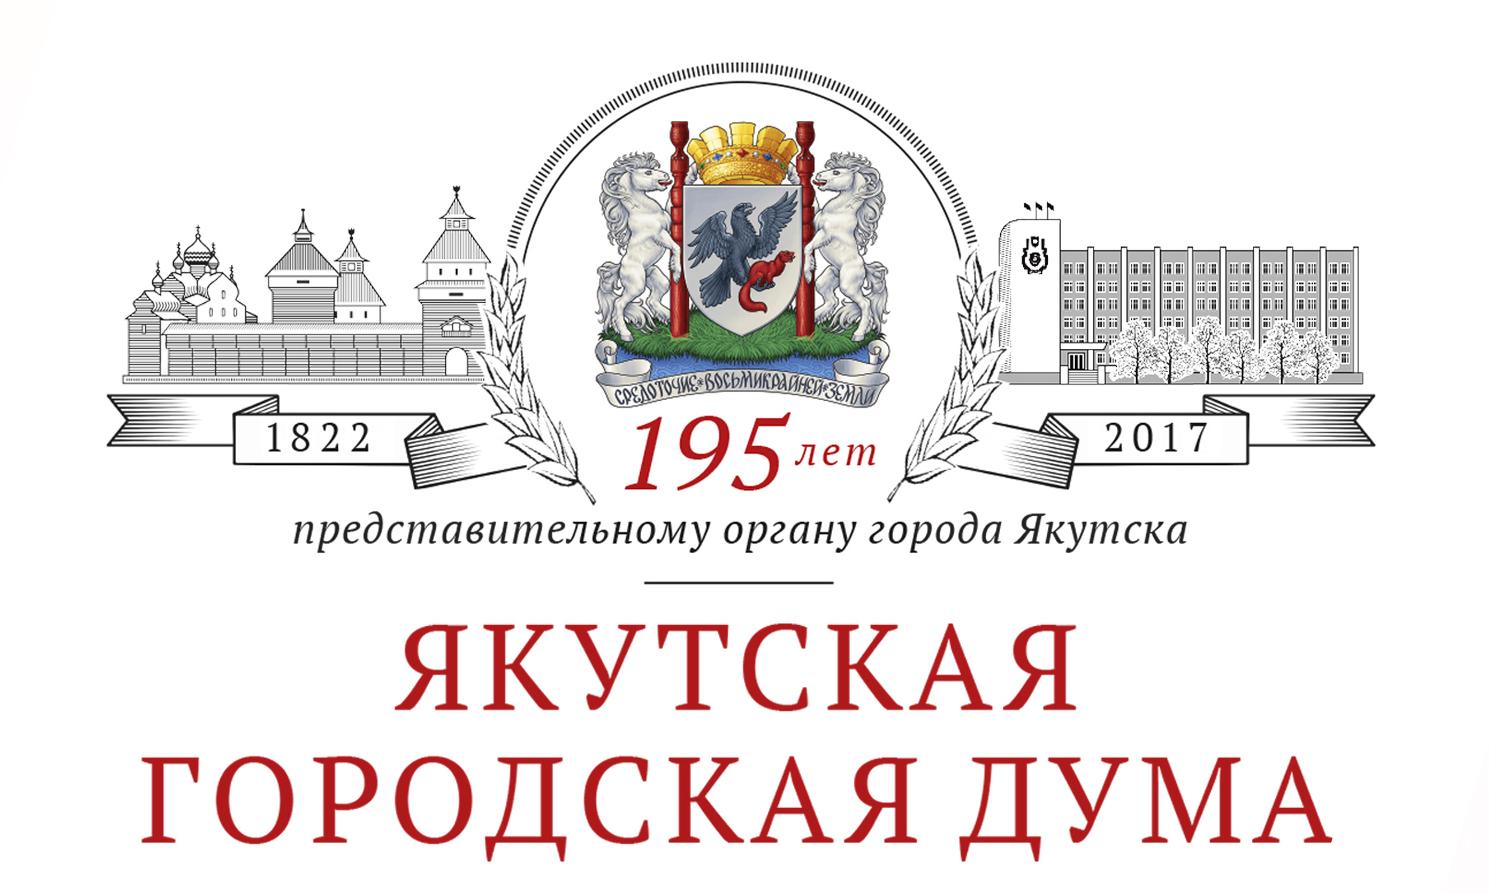 Якутская городская Дума объявила конкурс правовых инициатив